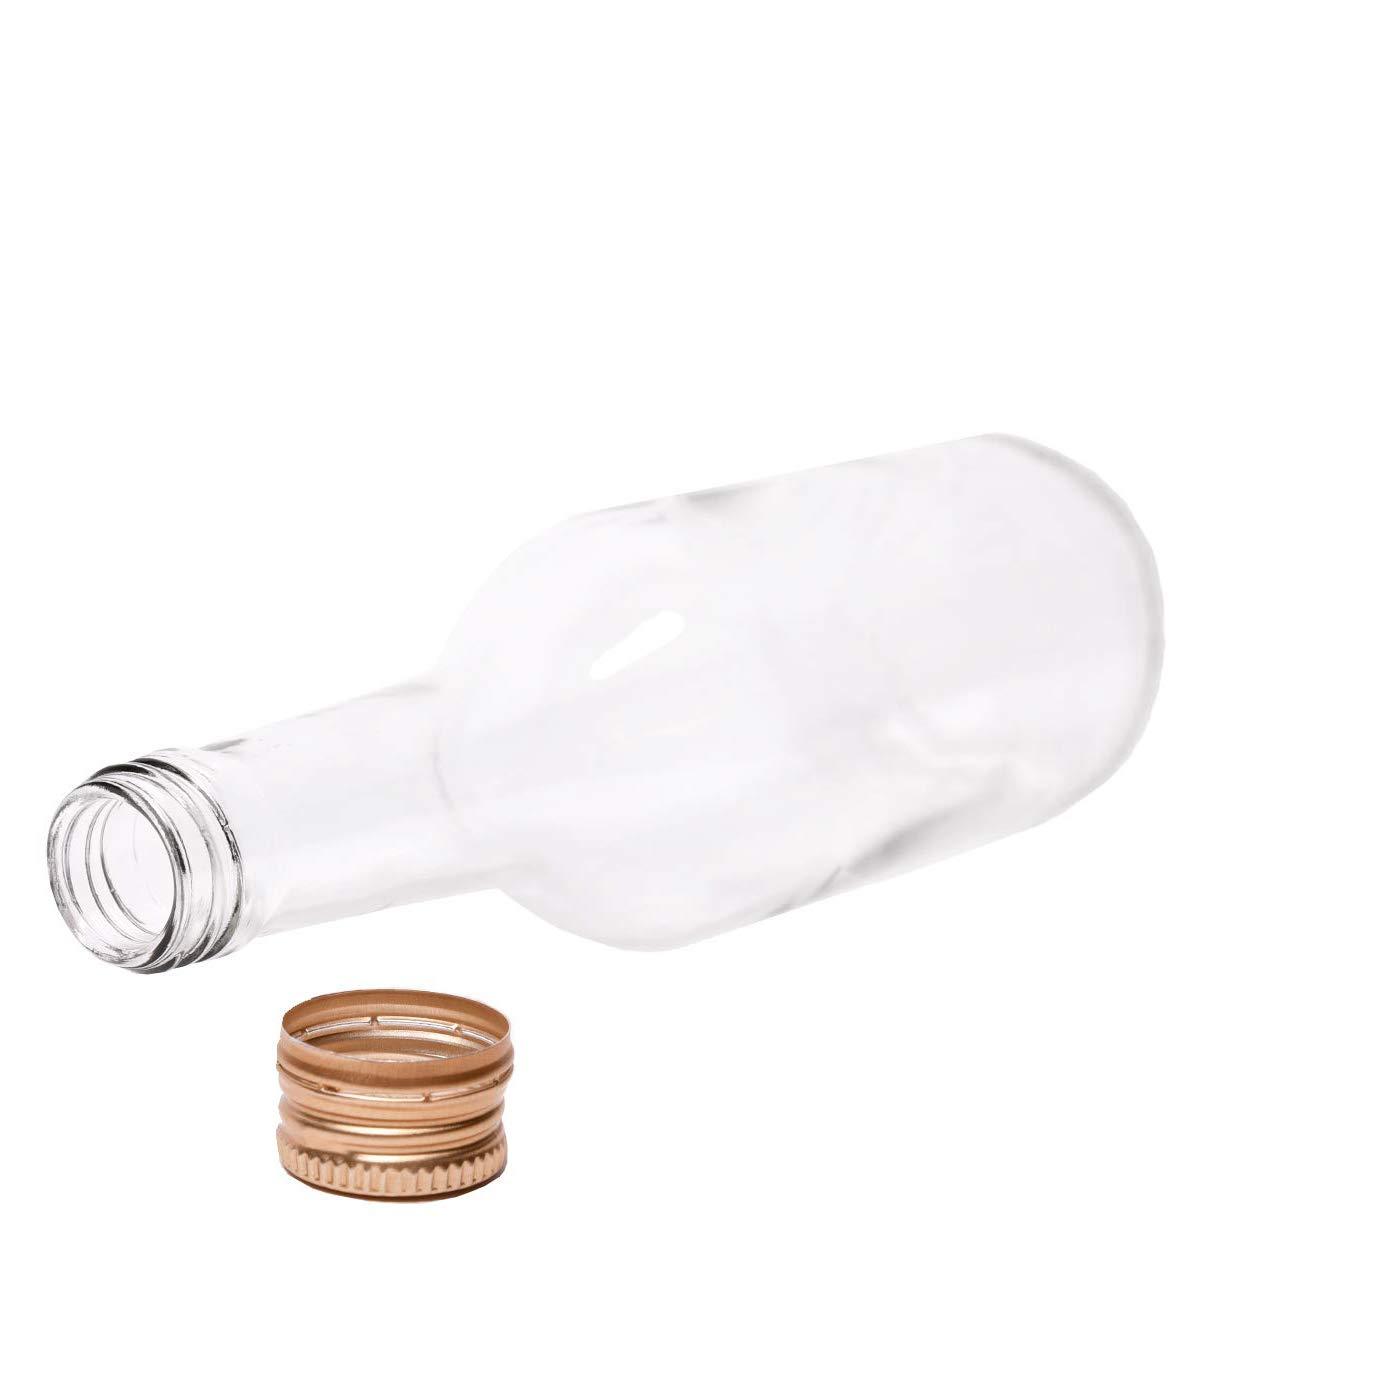 Set di 6 Bottiglie di Vetro da 200 ml con Tappo a Vite.